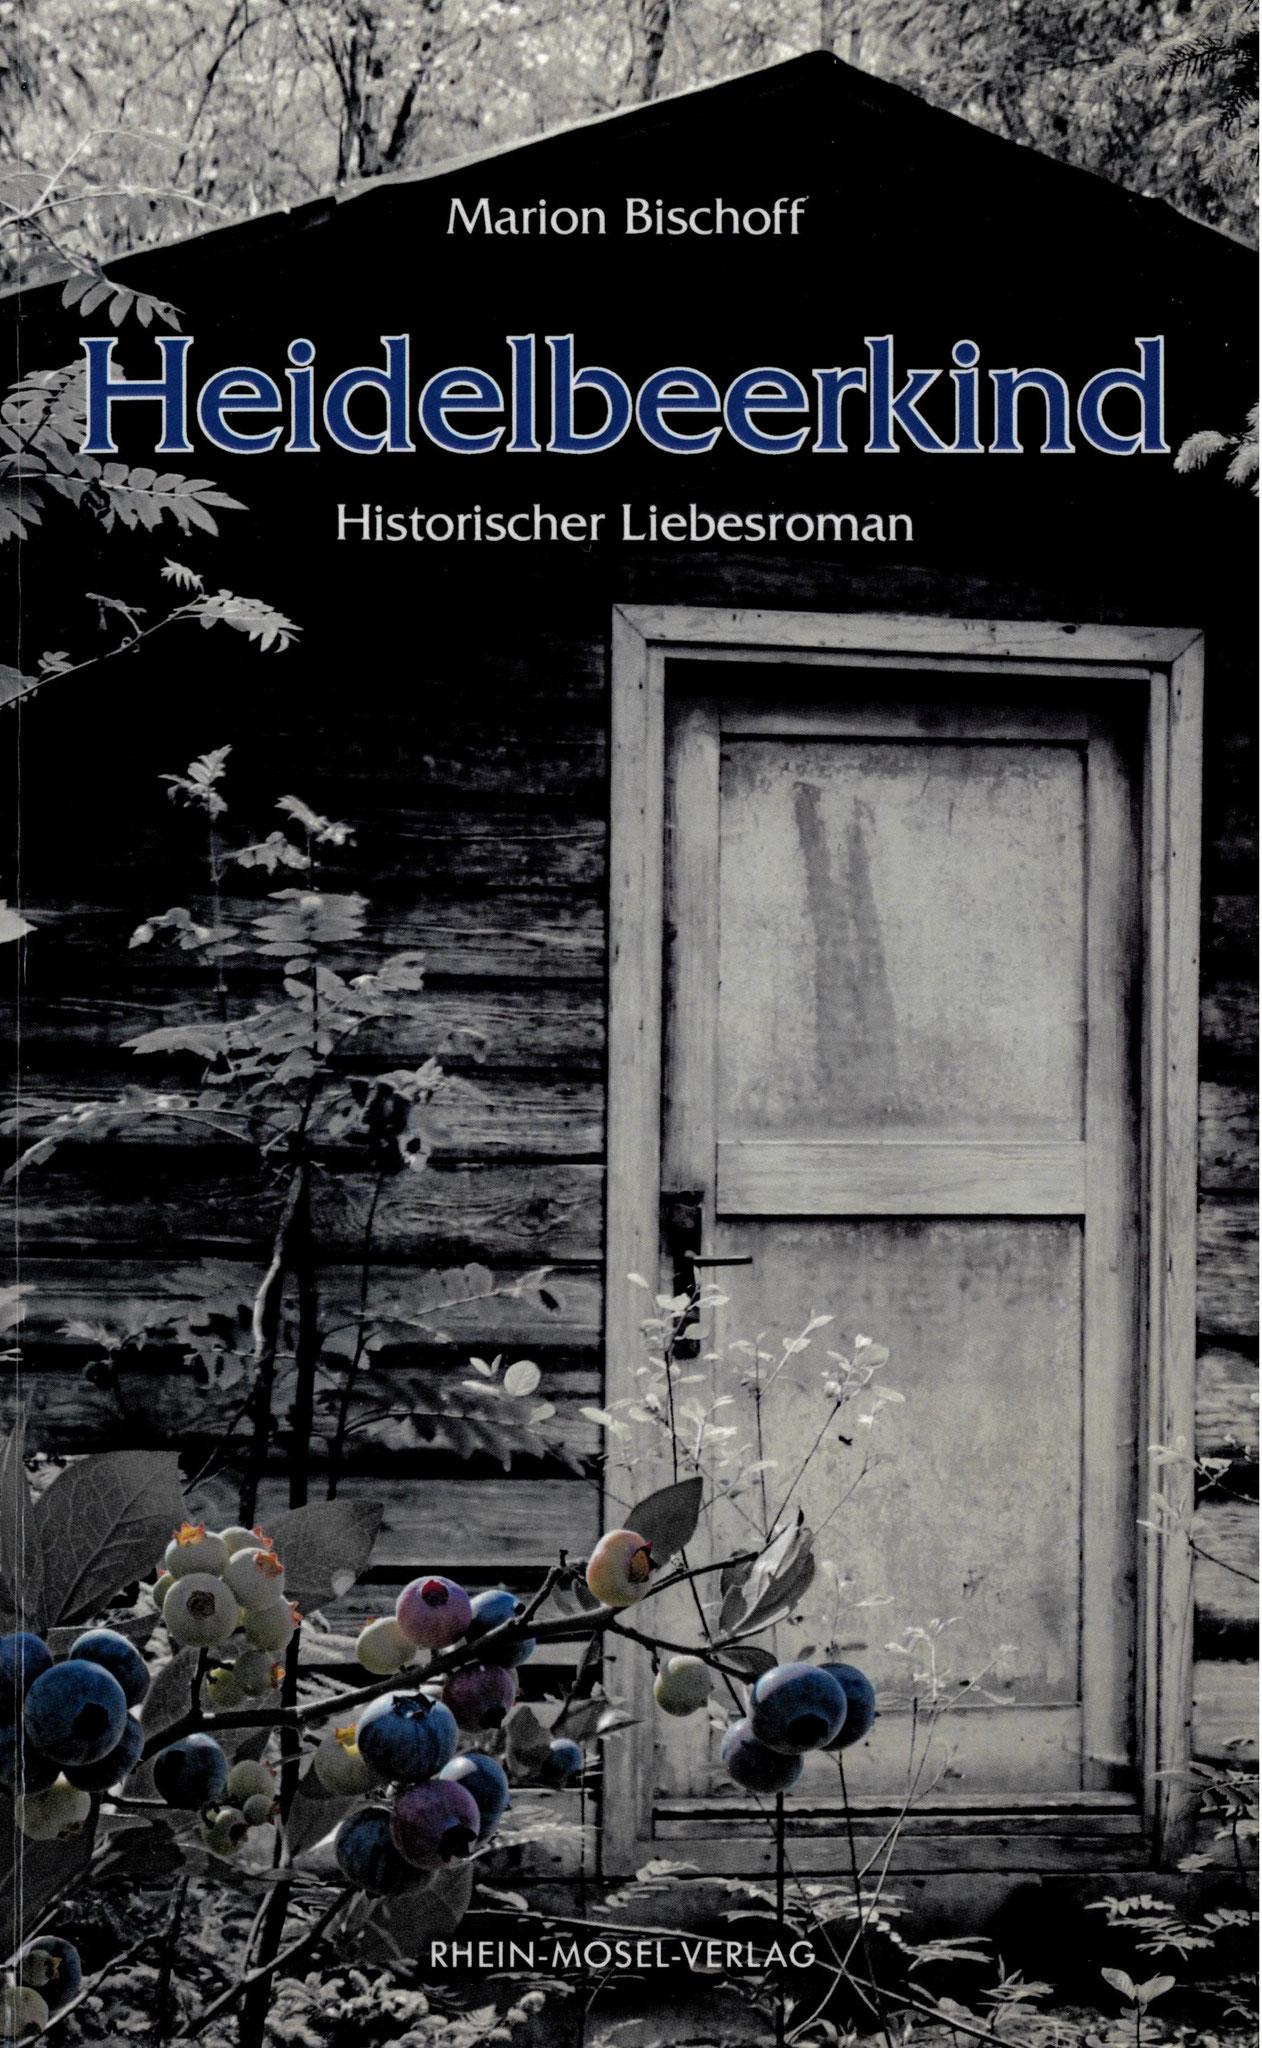 »Heidelbeerkind«, historischer Liebesroman von Marion Bischoff